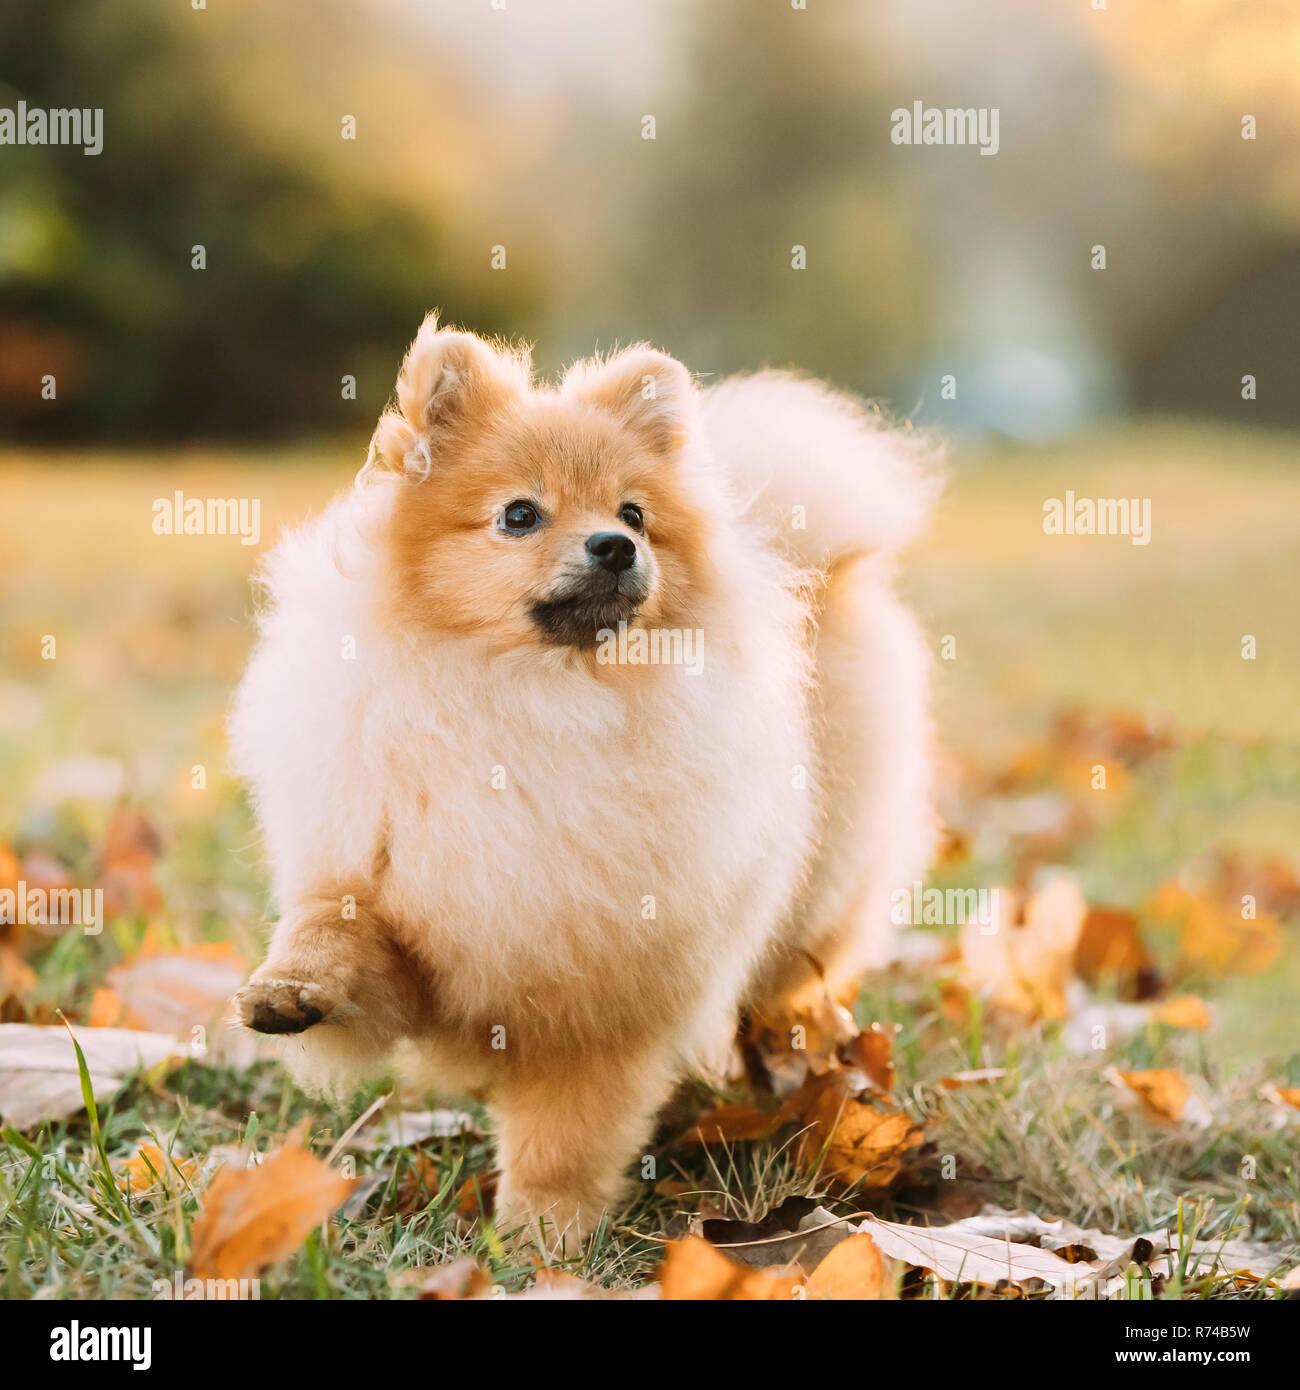 Junge Rote Welpen Pomeranian Spitz Welpe Hund Im Freien Im Herbst